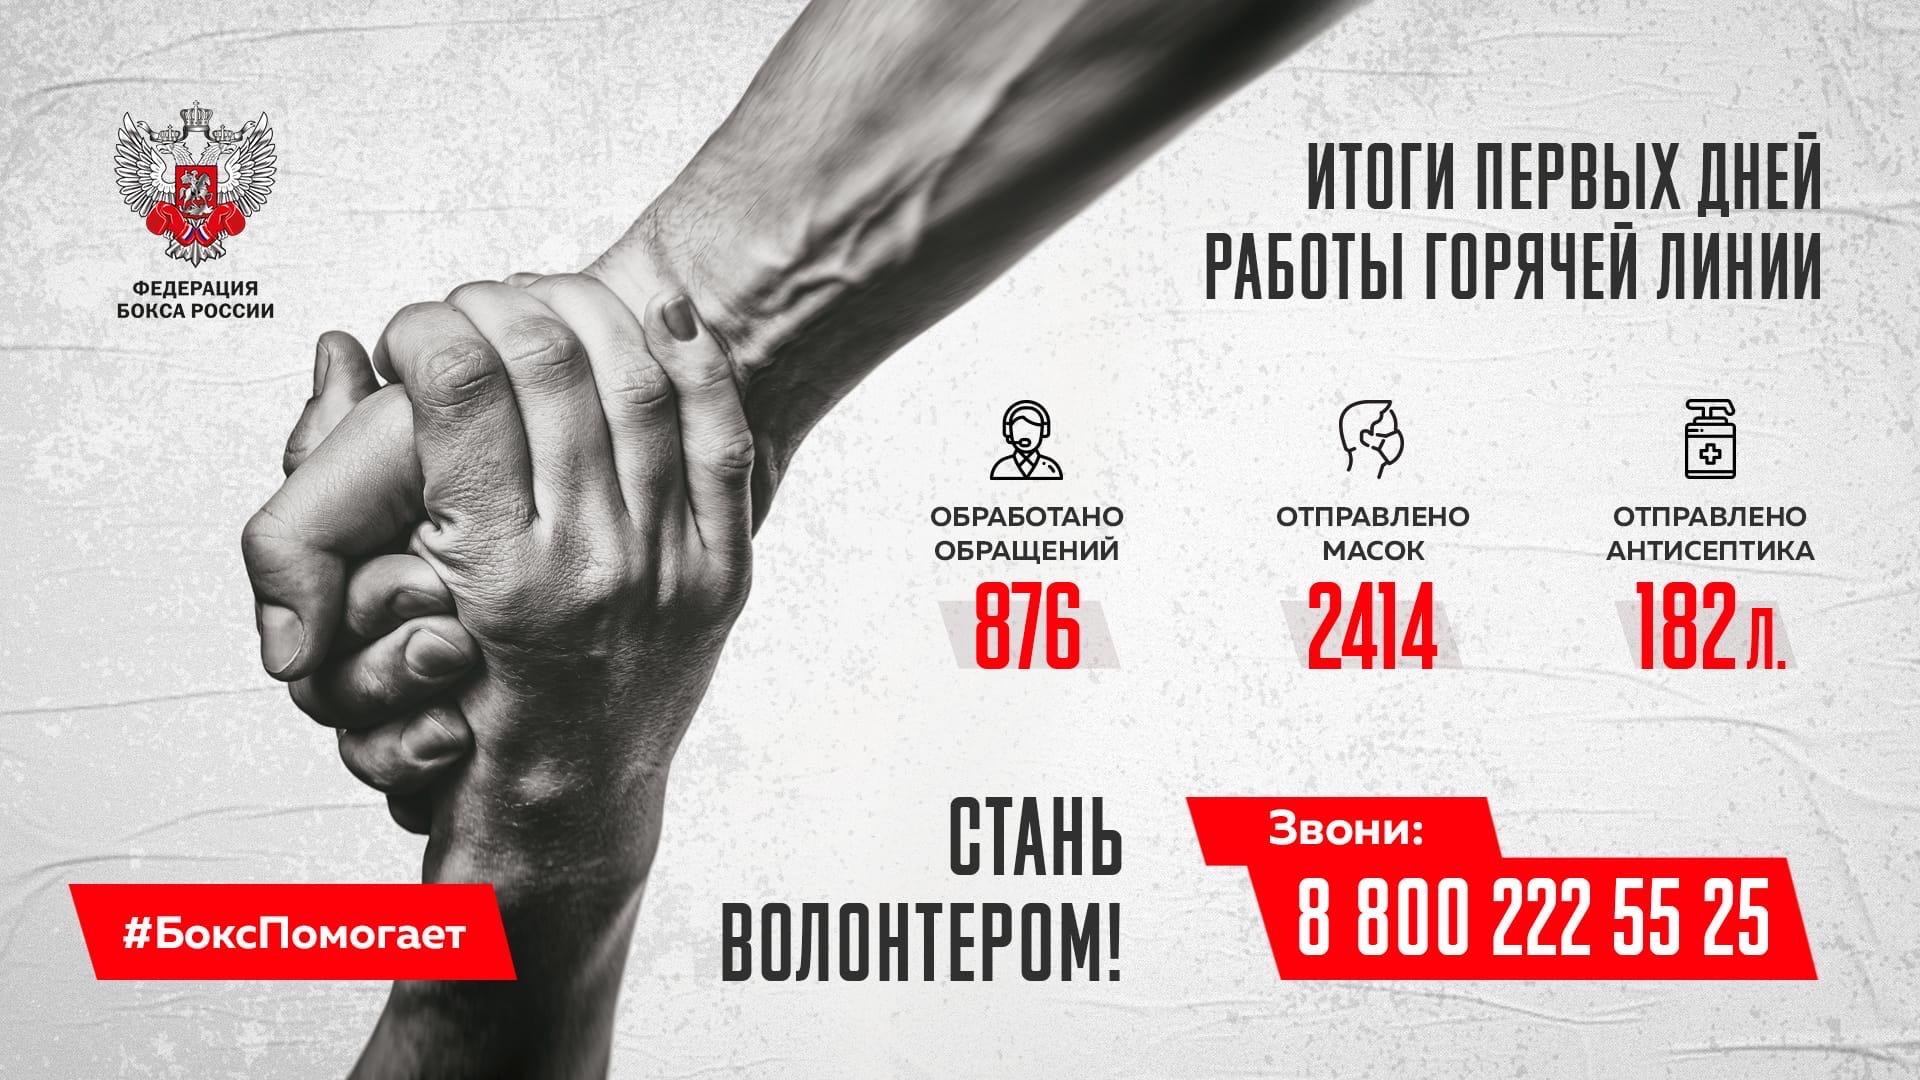 Более 800 обращений поступило в первый день на горячую линию Федерации бокса России